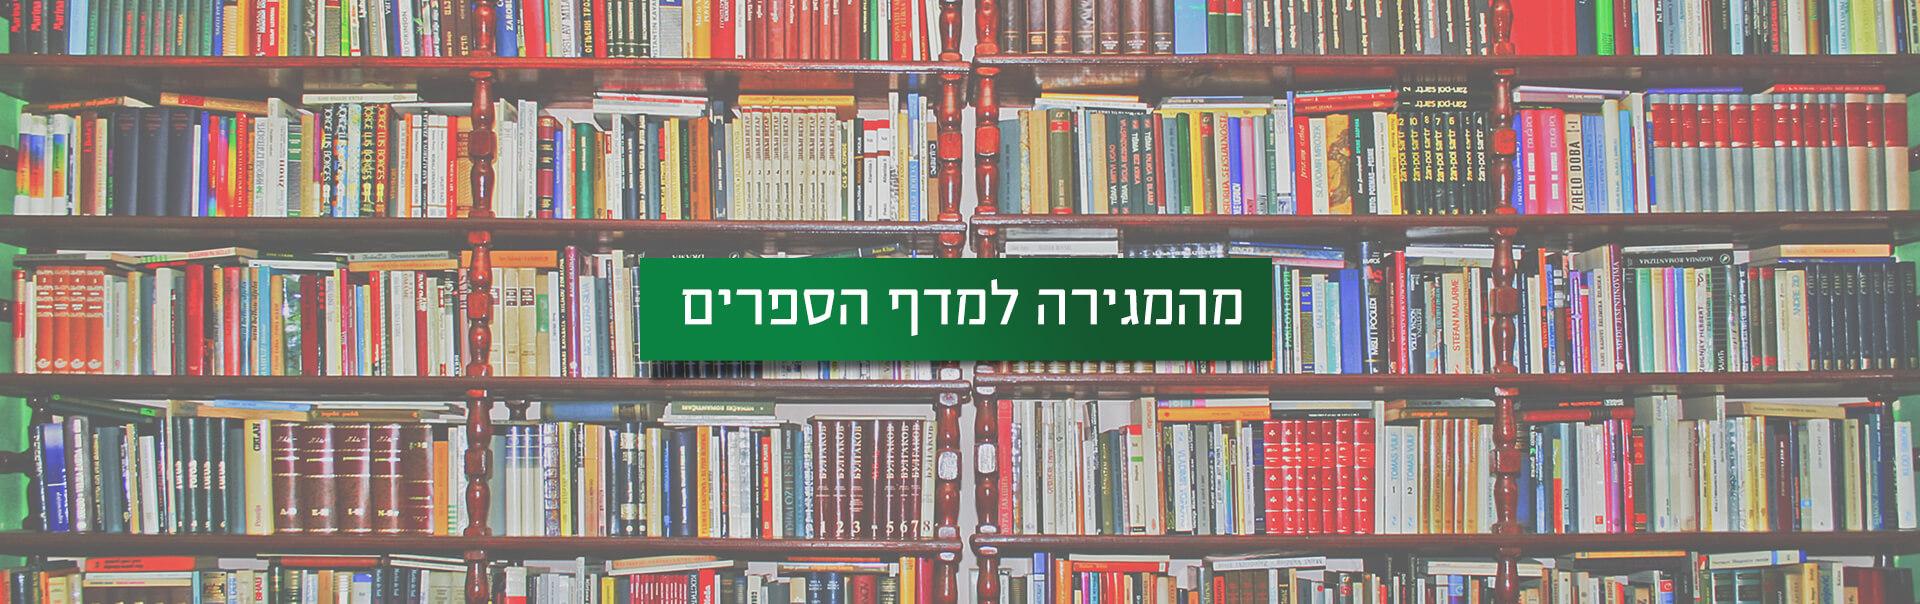 כתיבת ספר: מהמגרה למדף הספרים